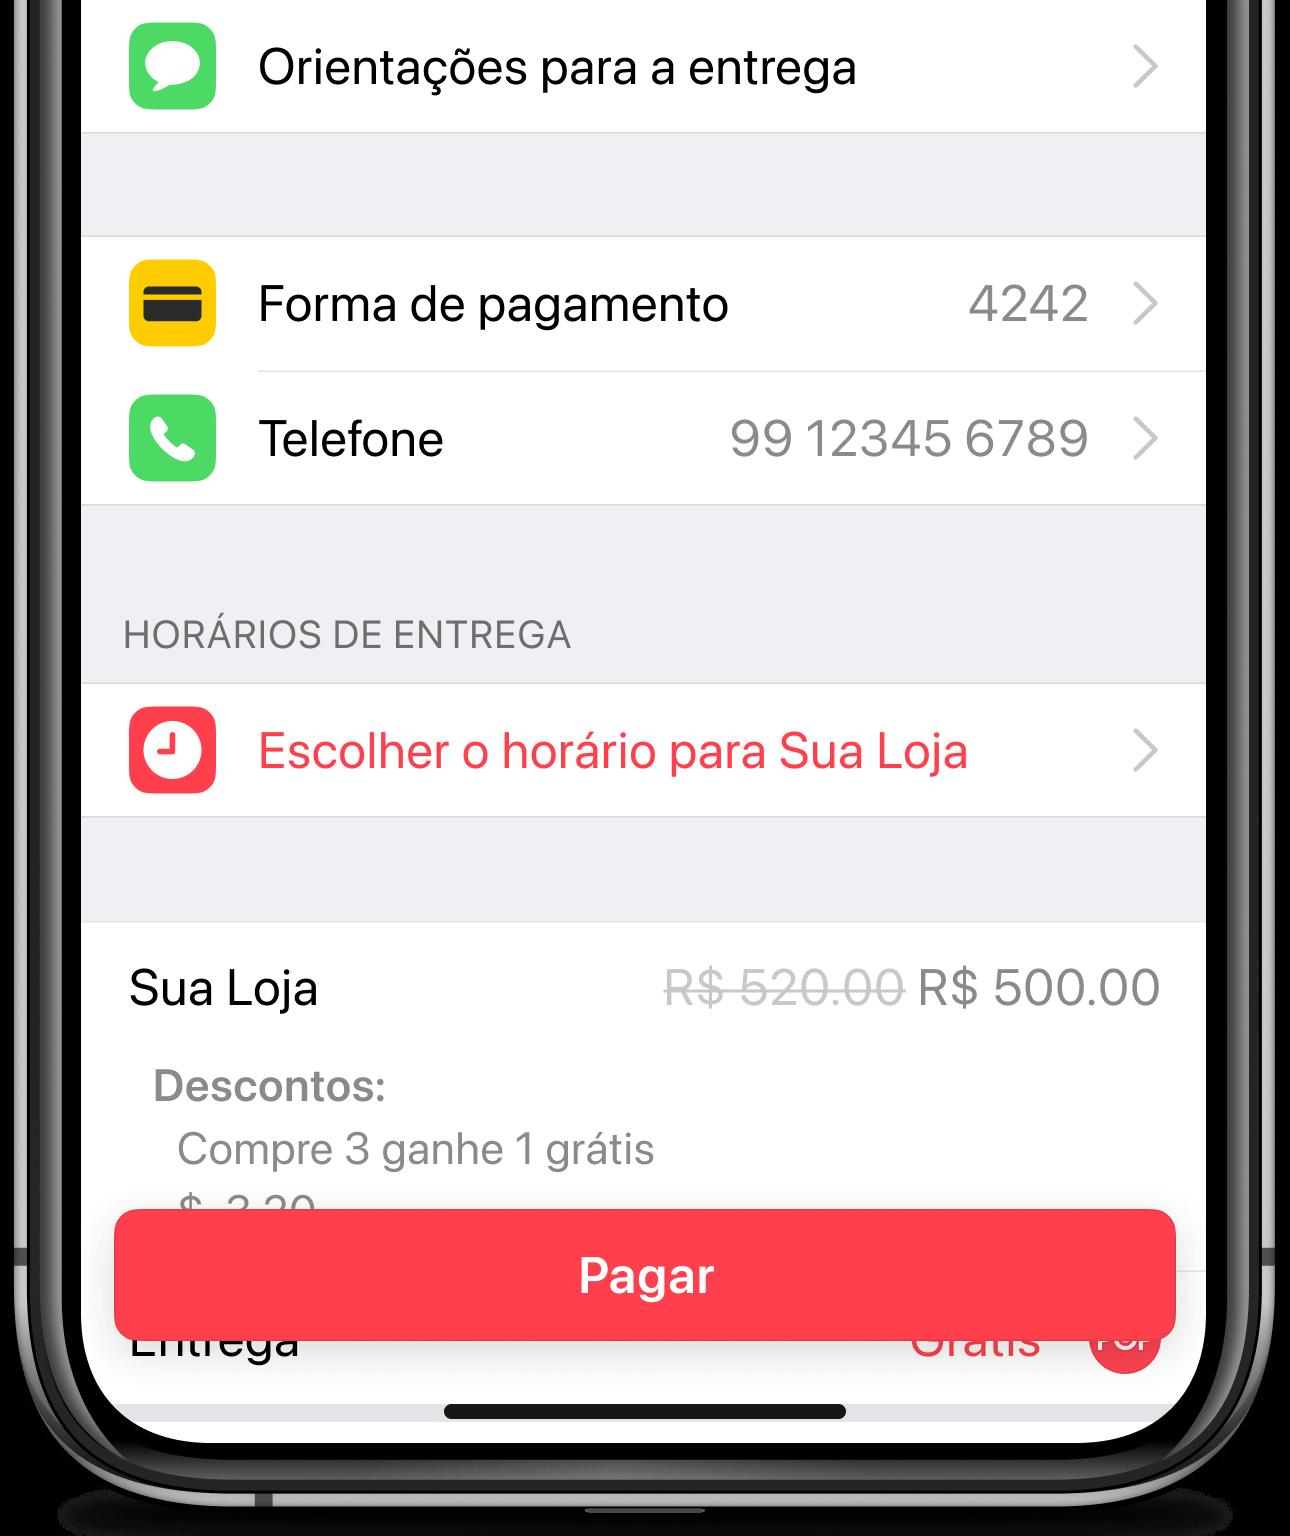 Fazendo pedido no app Cornershop